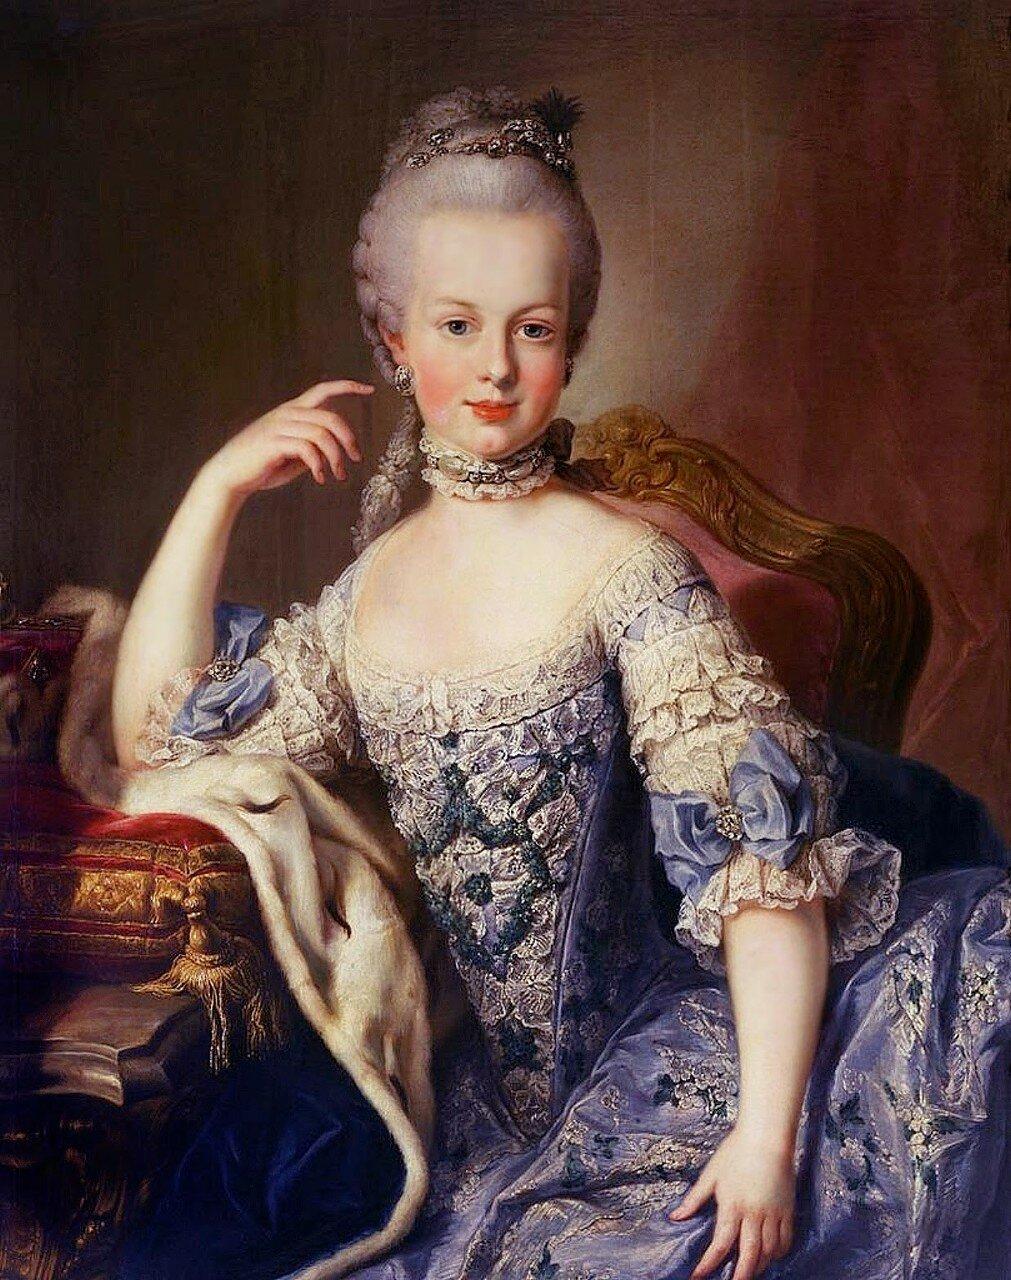 Marie_Antoinette_Young2 (1).jpg